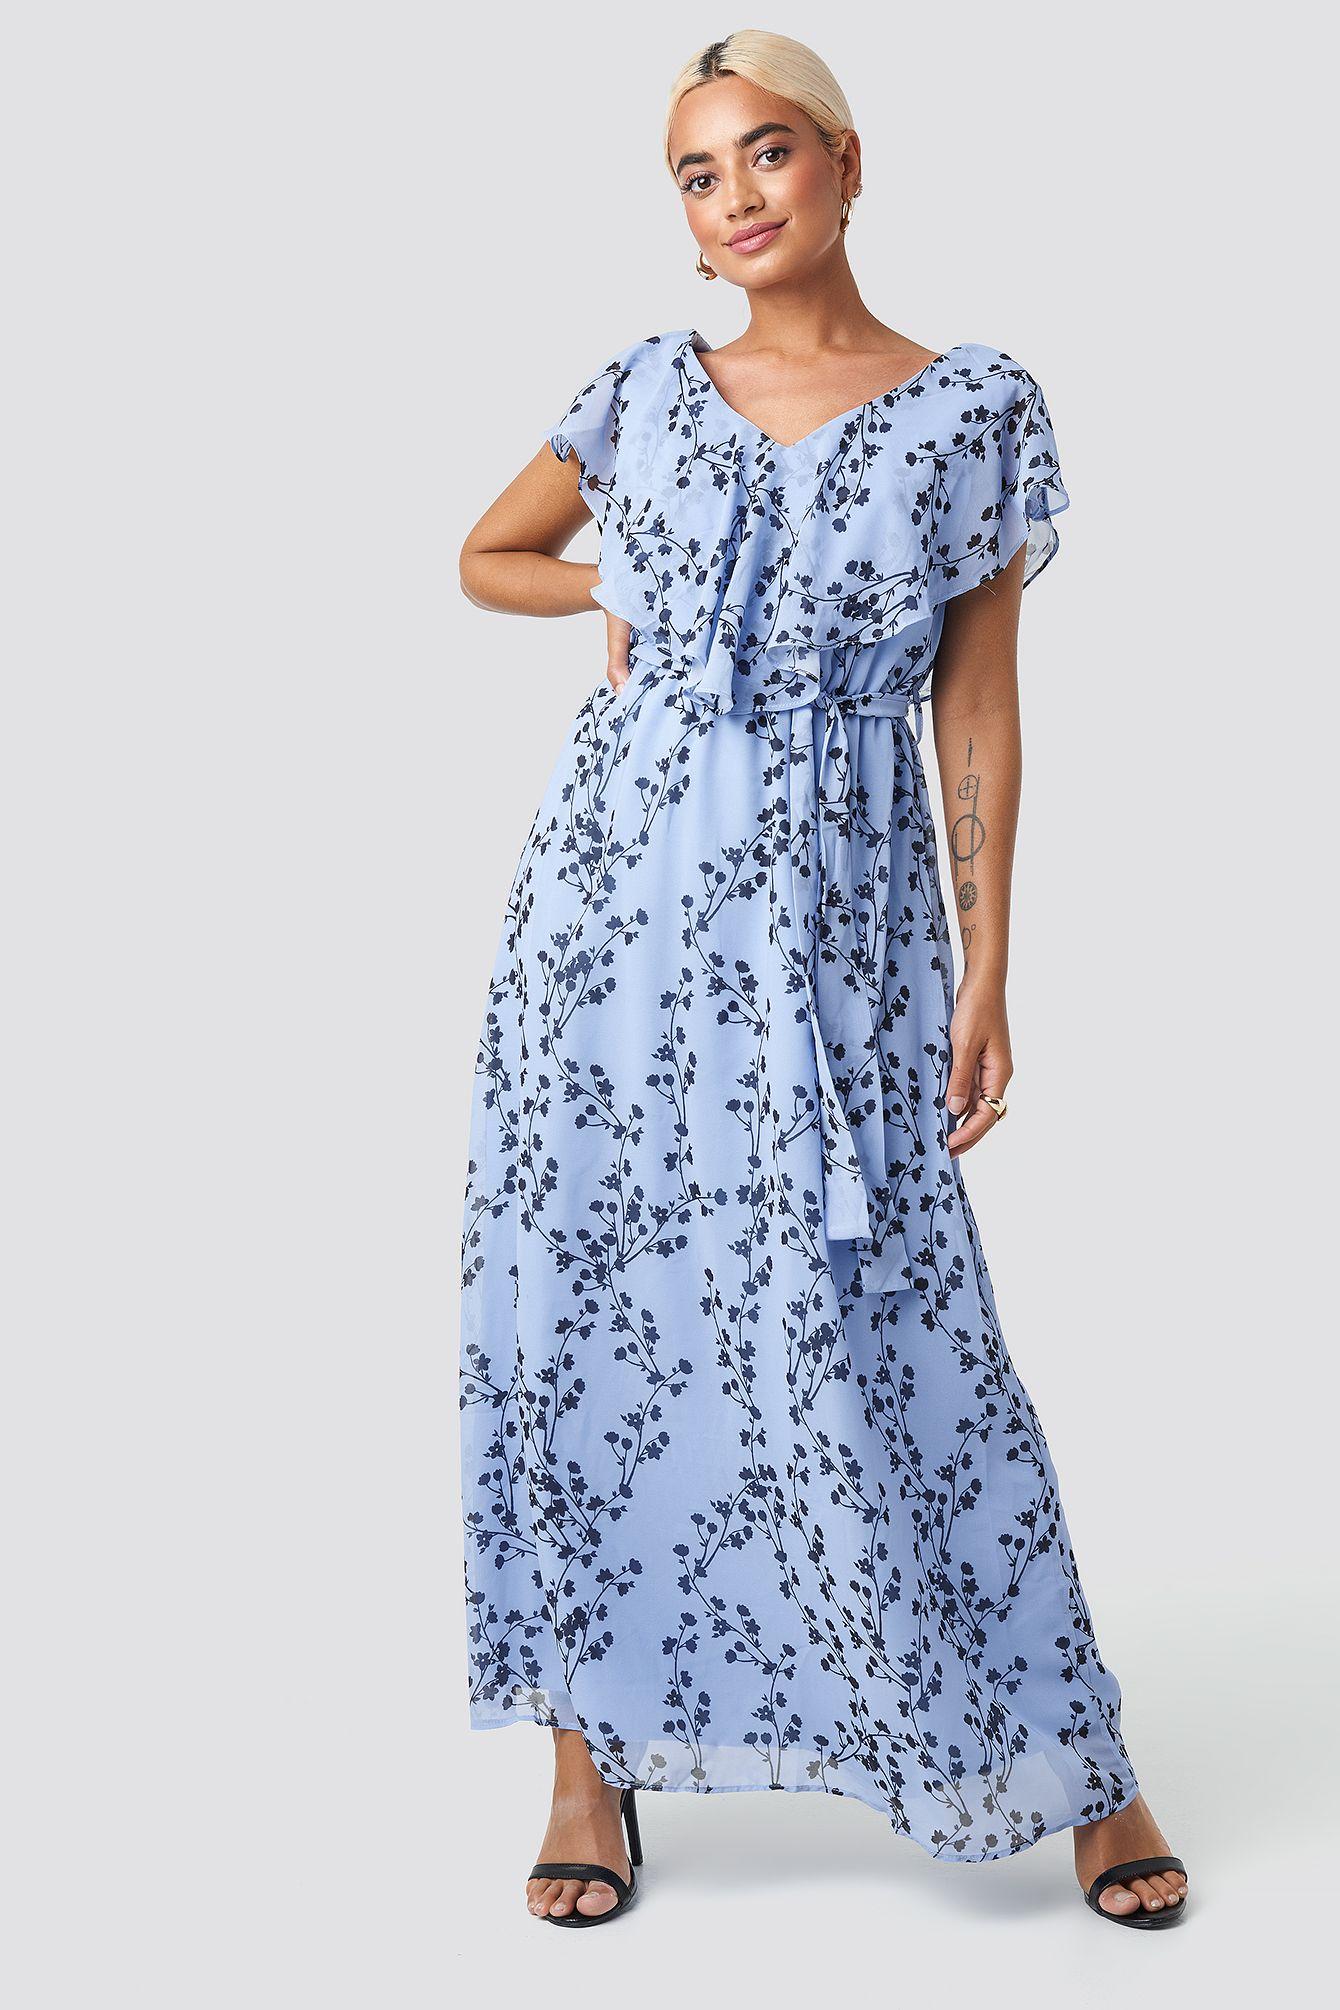 Belted Patterned Long Dress In 2020 Lange Kleider Marine Uniform Lassiges Kleid